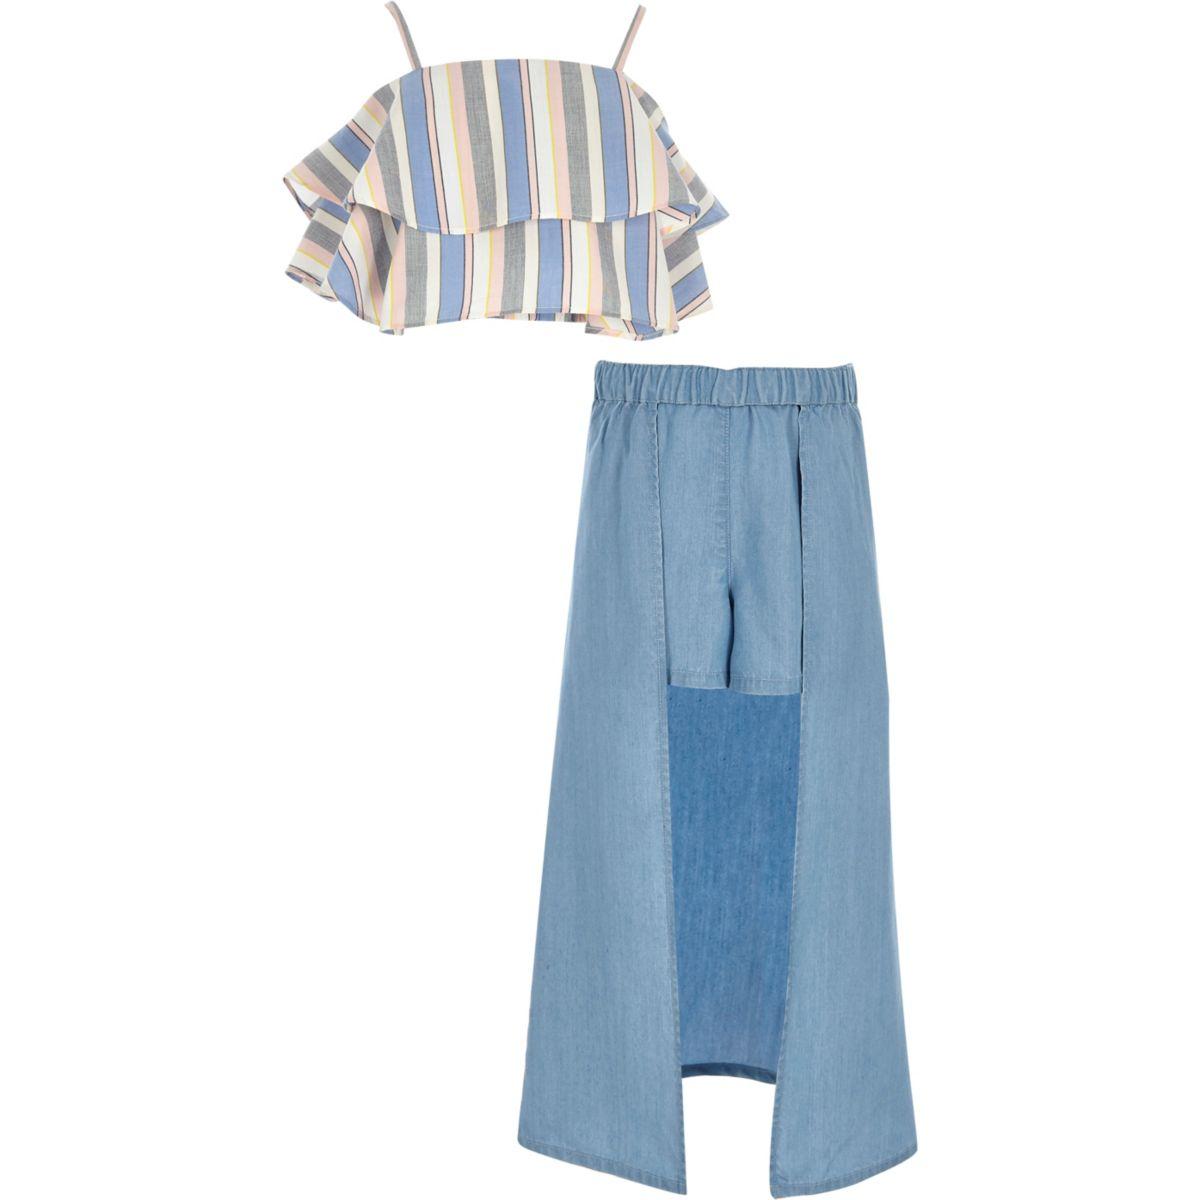 Outfit mit blauem, gestreiftem Oberteil und Skort